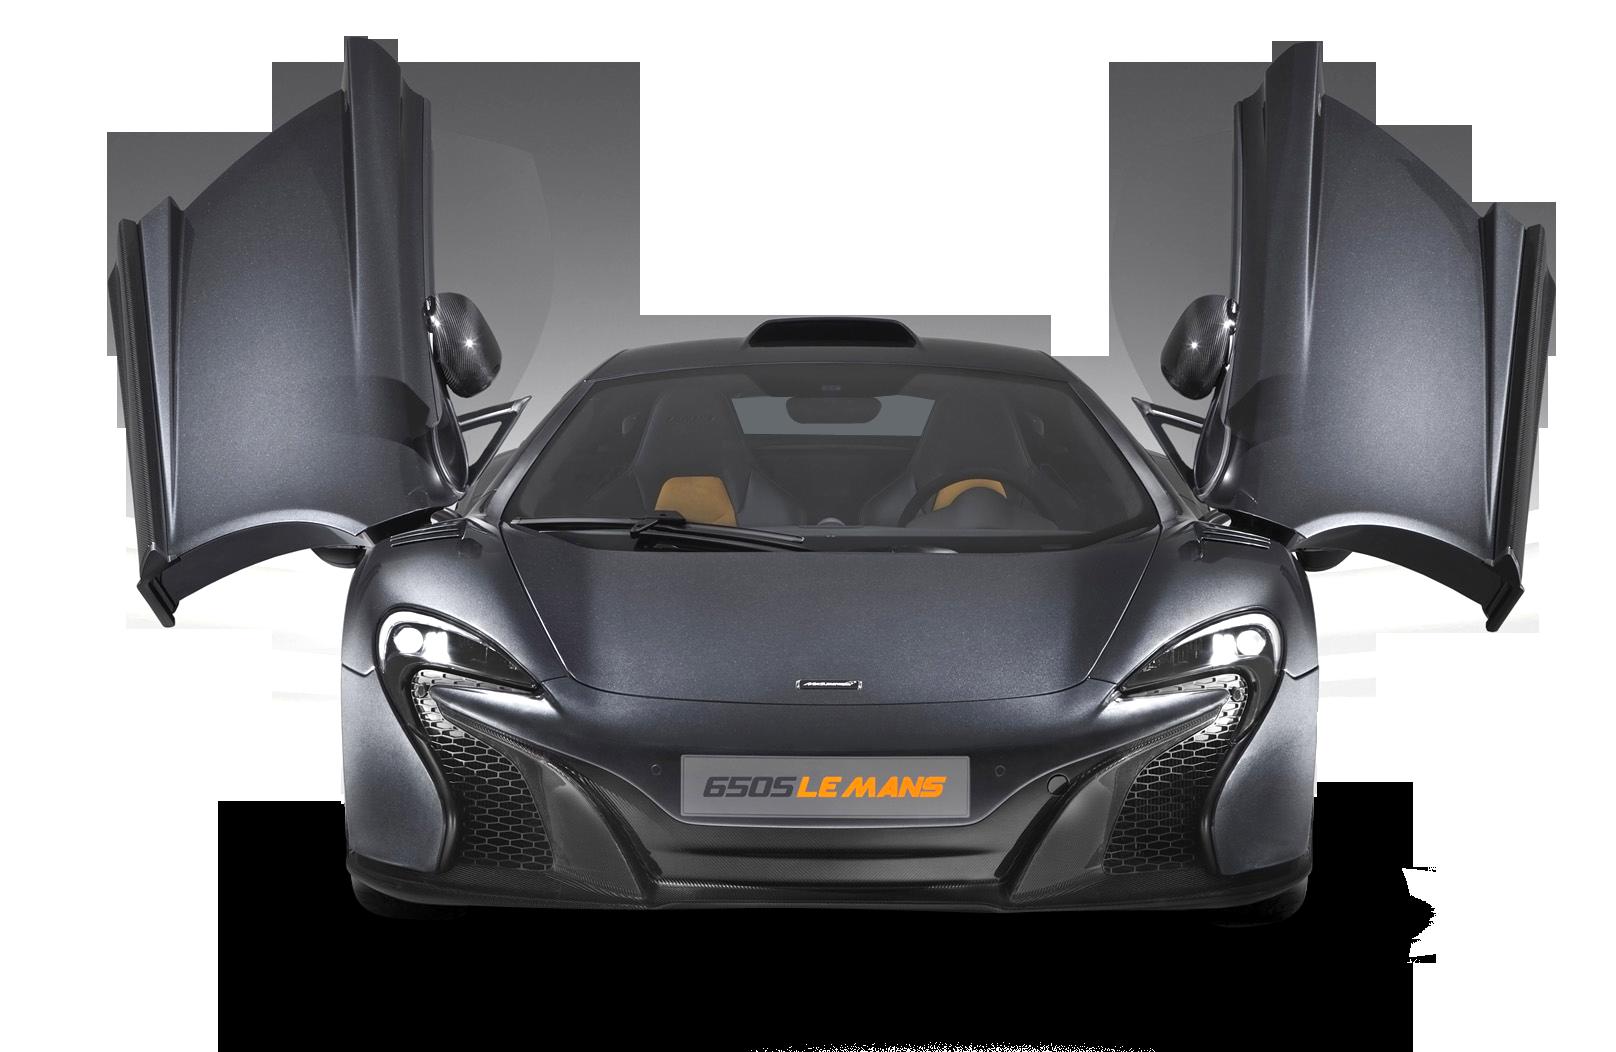 McLaren-650S-Grey sports car PNG Image